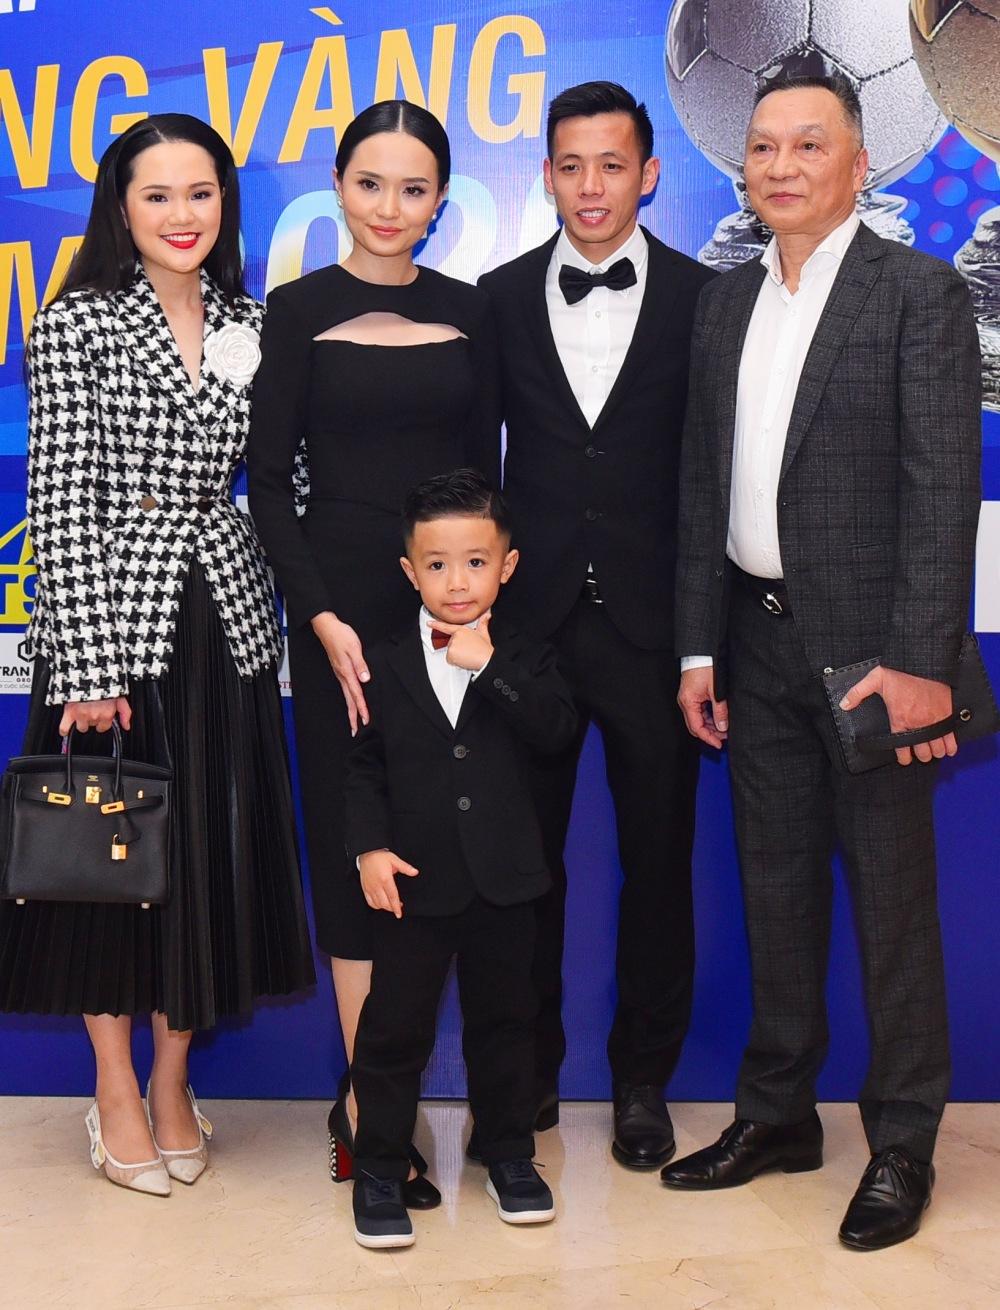 Bé Sóc tạo dáng cool bên bố mẹ, ông ngoại và dì Quỳnh Anh (vợ Duy Mạnh).